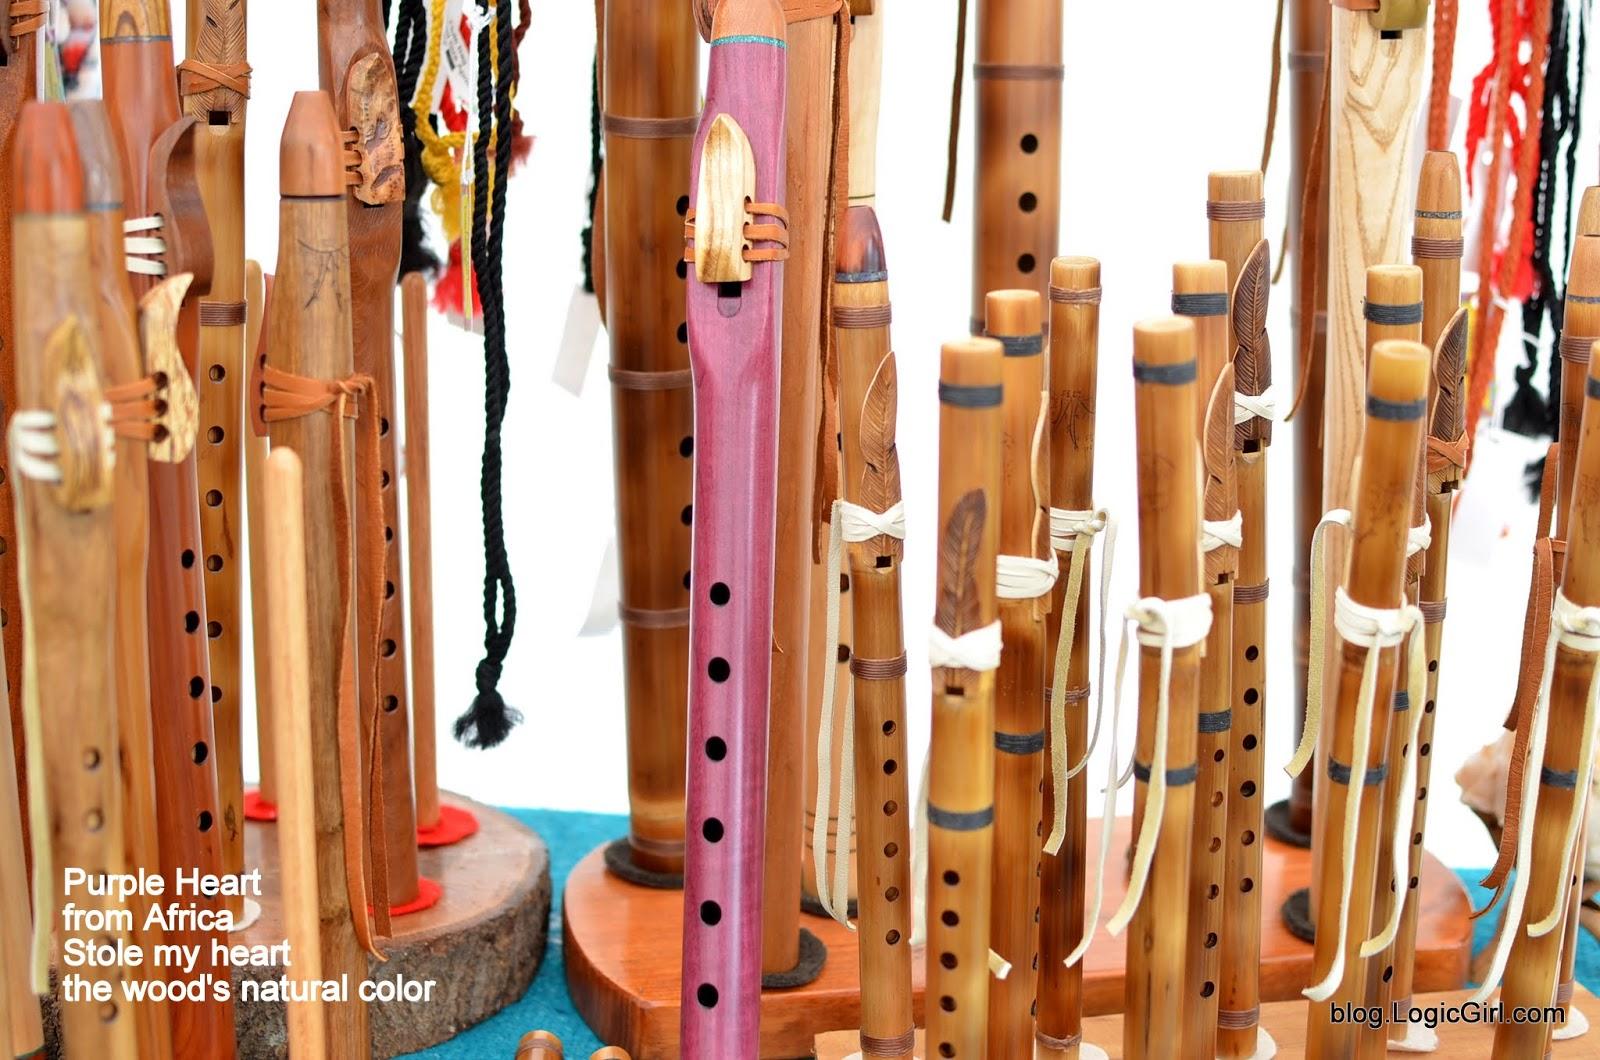 🕯 Cheng Liu for Consciousness Evolution 🕯: Flute Festival